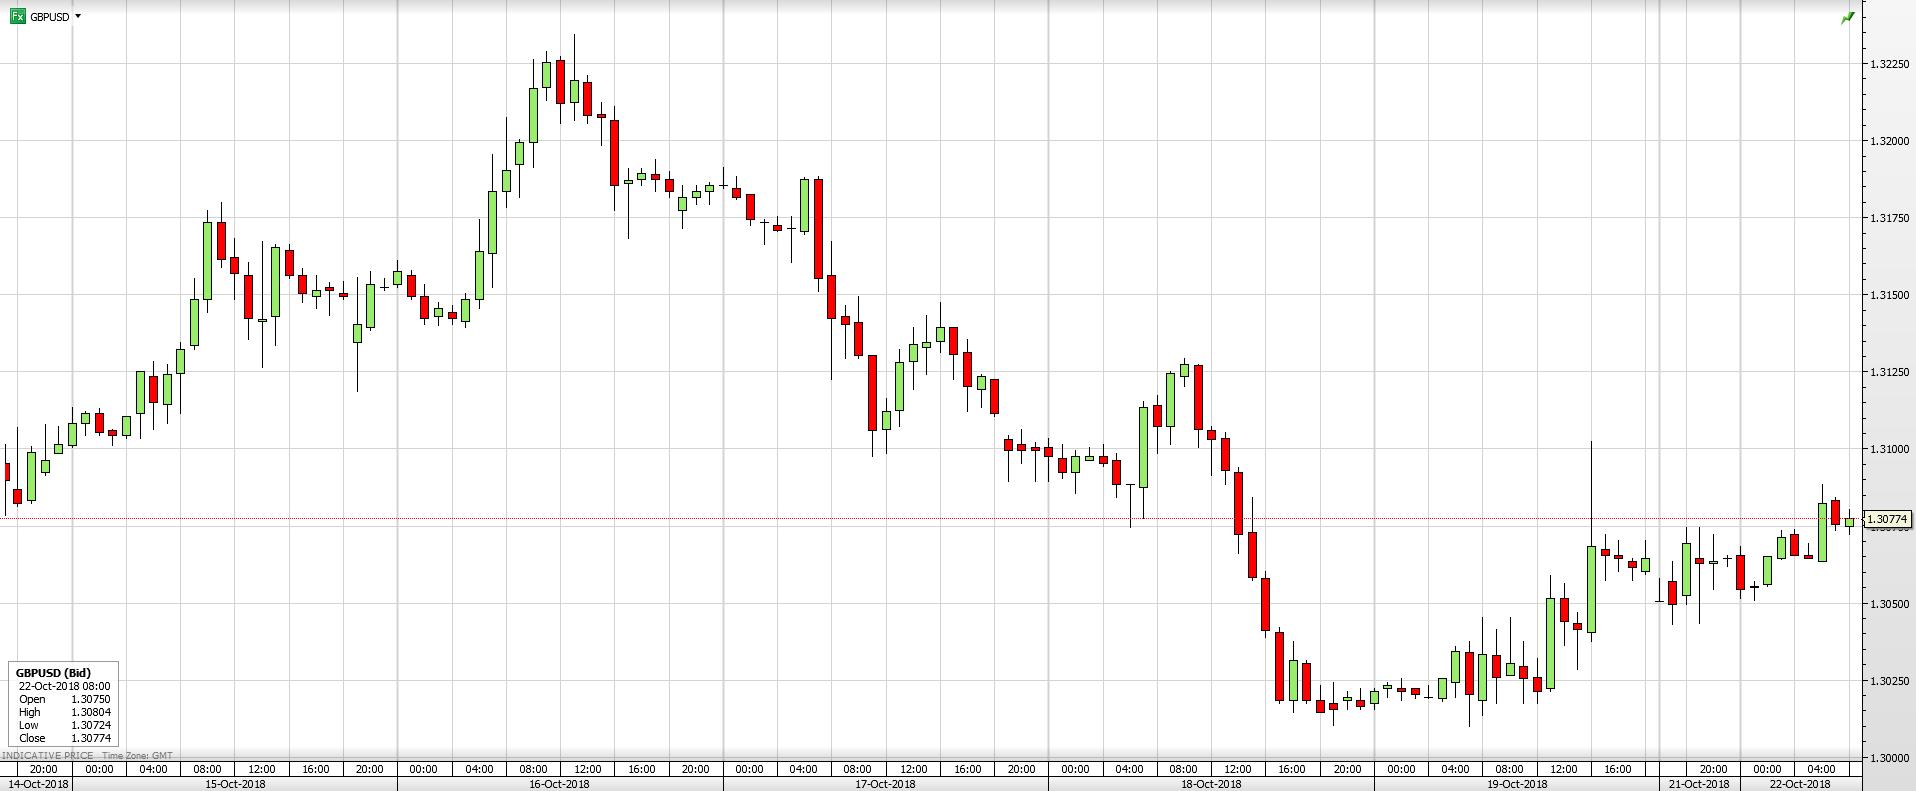 GBP/USD - 1 Week